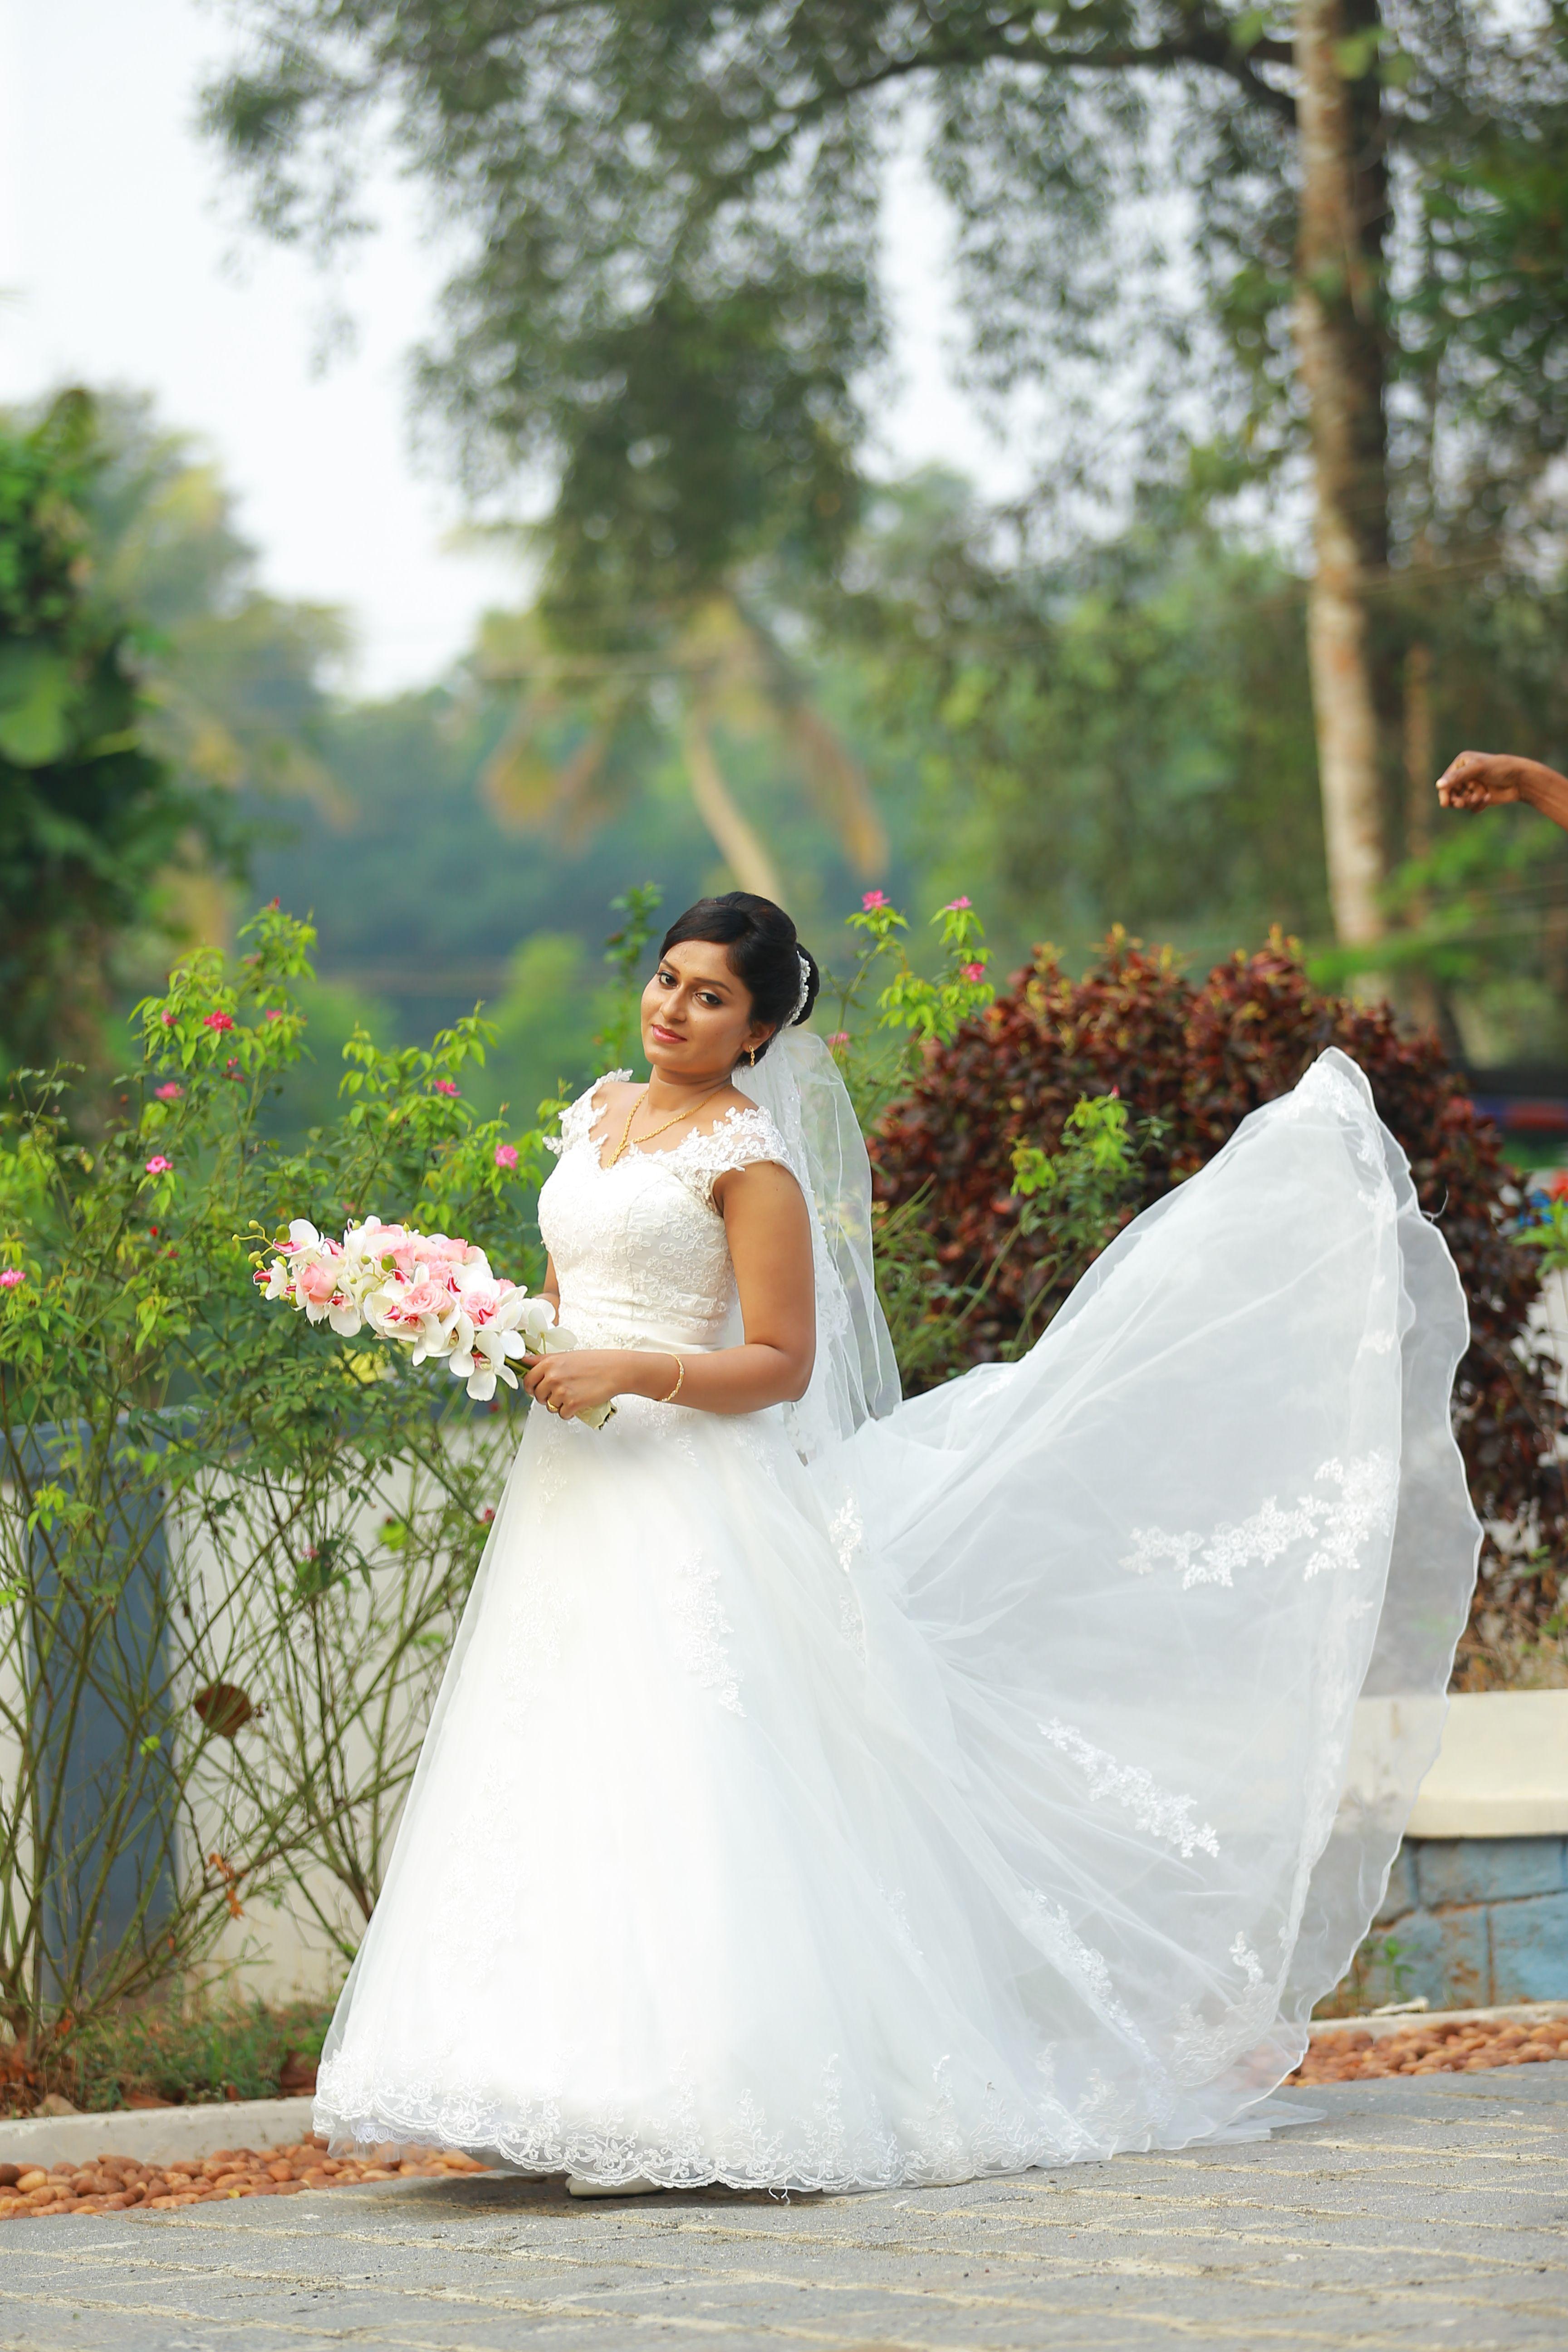 Wedding Gowns In Kerala